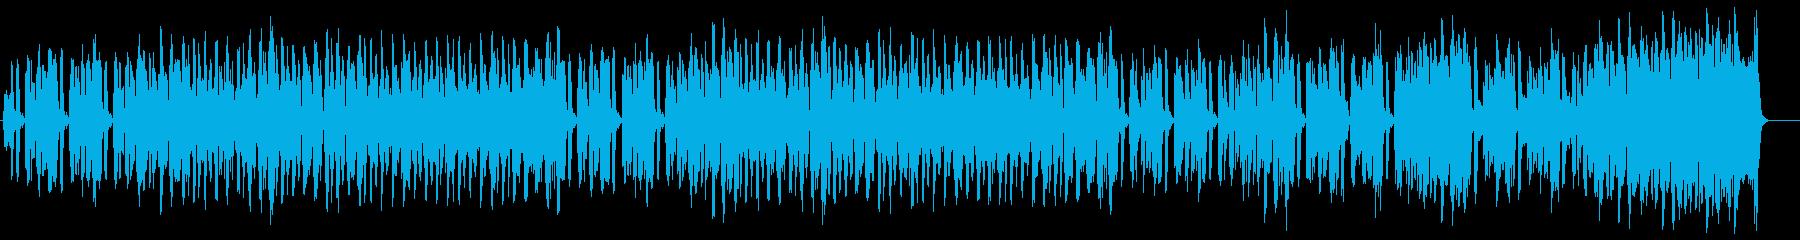 最高に盛り上がれるソウルミュージックを♪の再生済みの波形